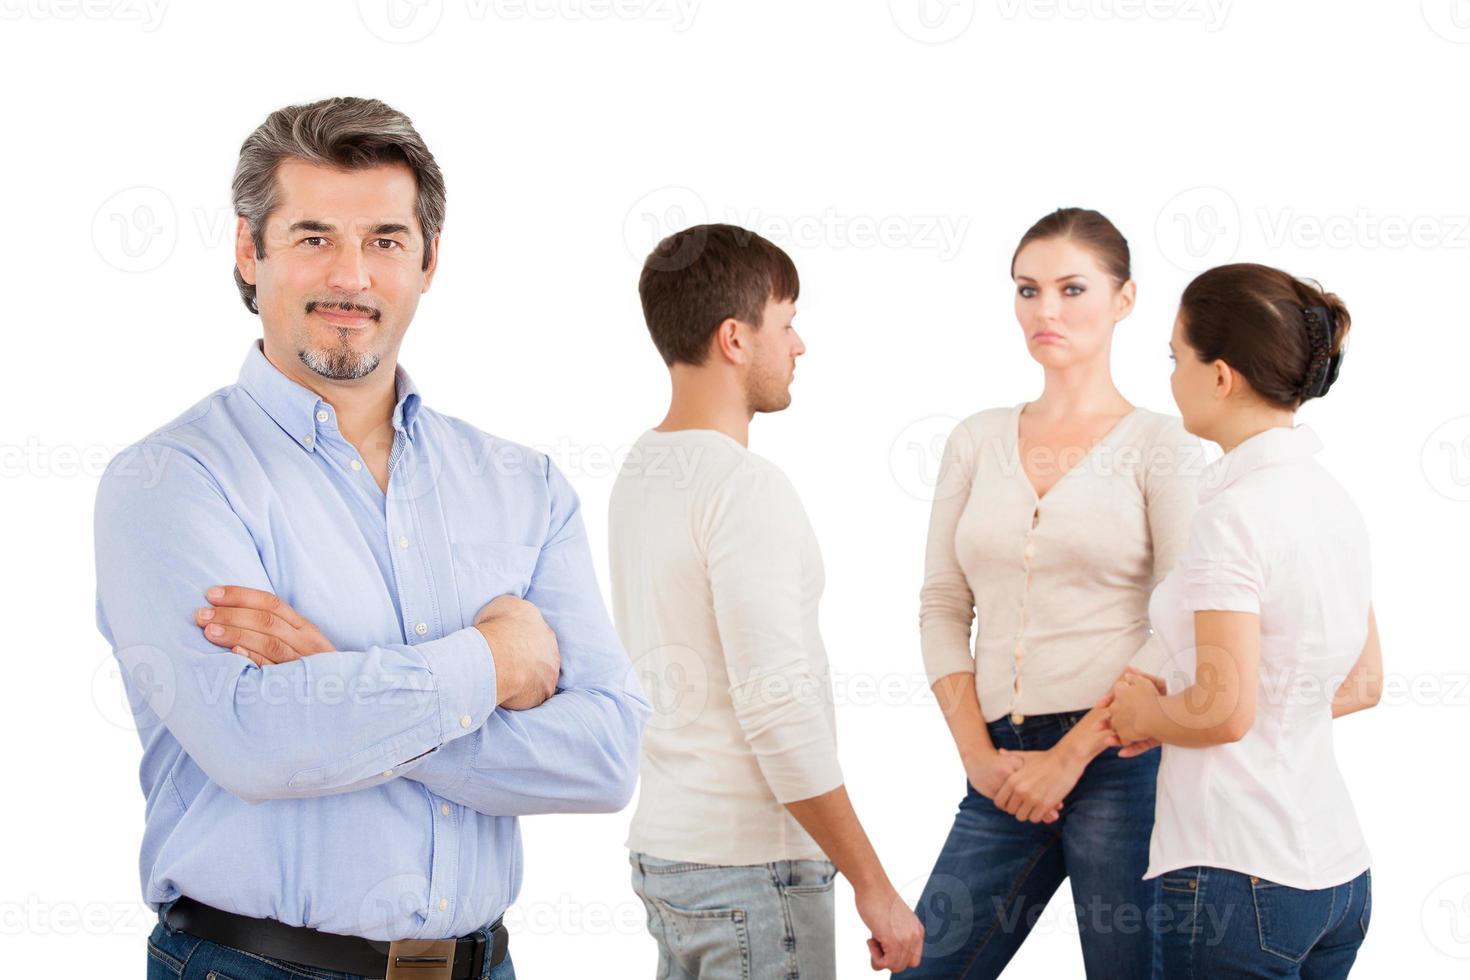 homme d'affaires confiant avec des collègues discutant photo